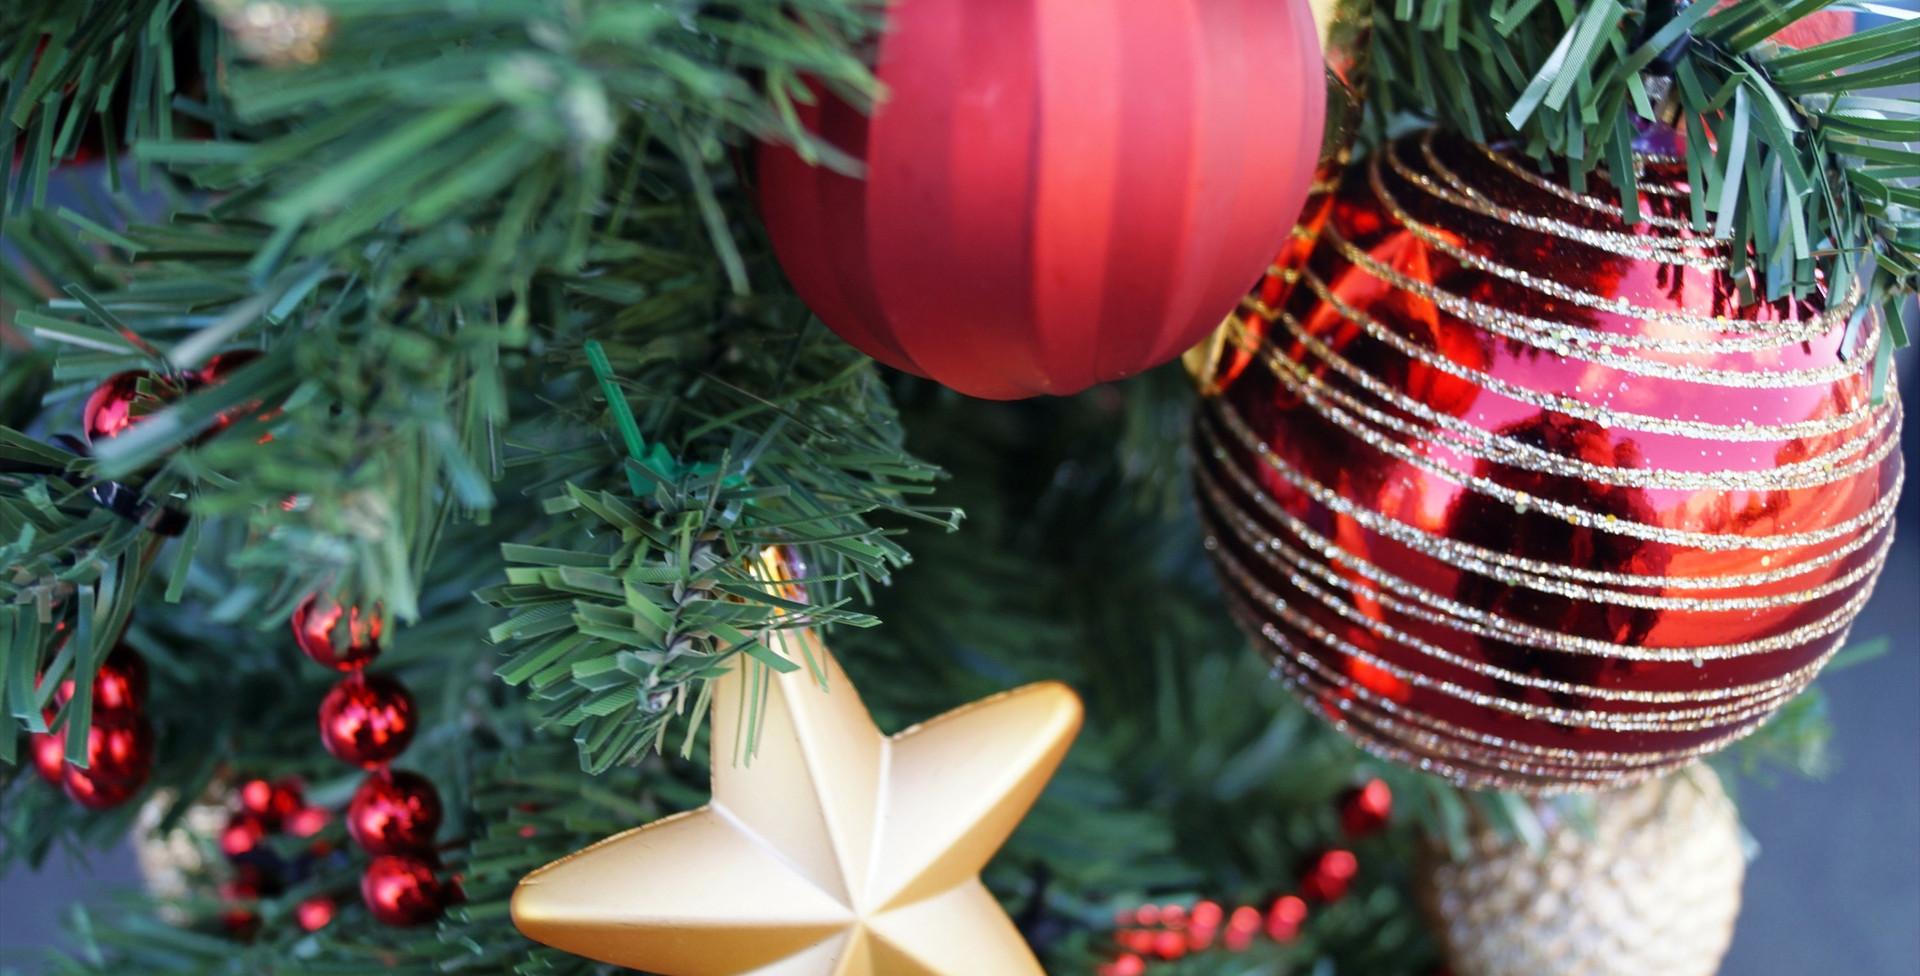 Kerstboog buiten detail 1 kerstboom